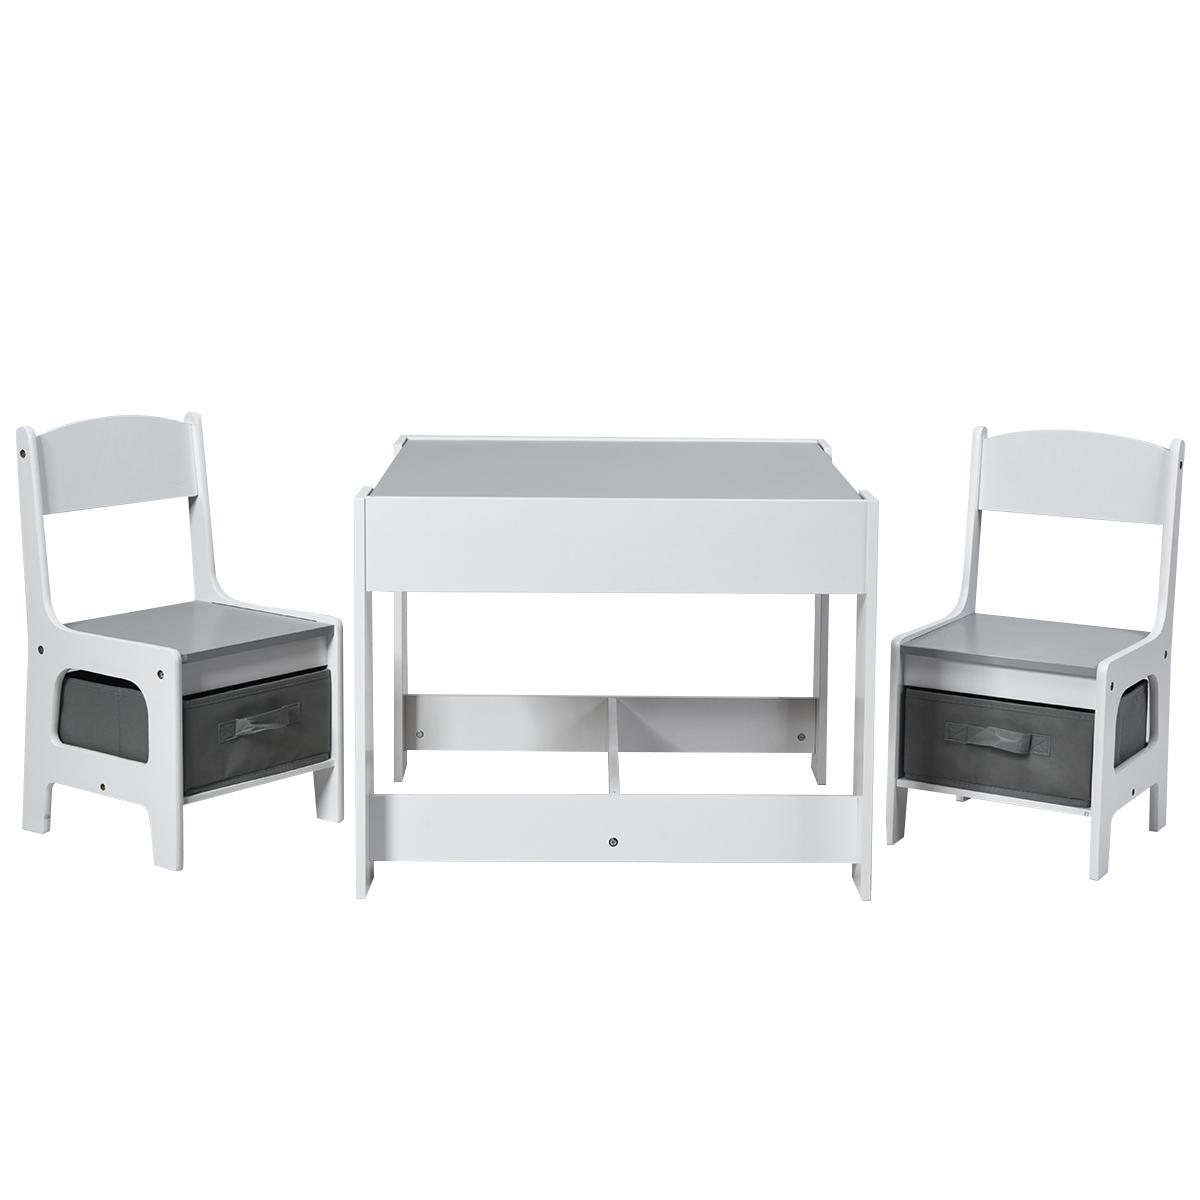 Costway Tavolo attività 3 in 1 in legno per bambini Set tavolo e sedie con cassetti e lavagna staccabile, 60x60x48cm Grigio